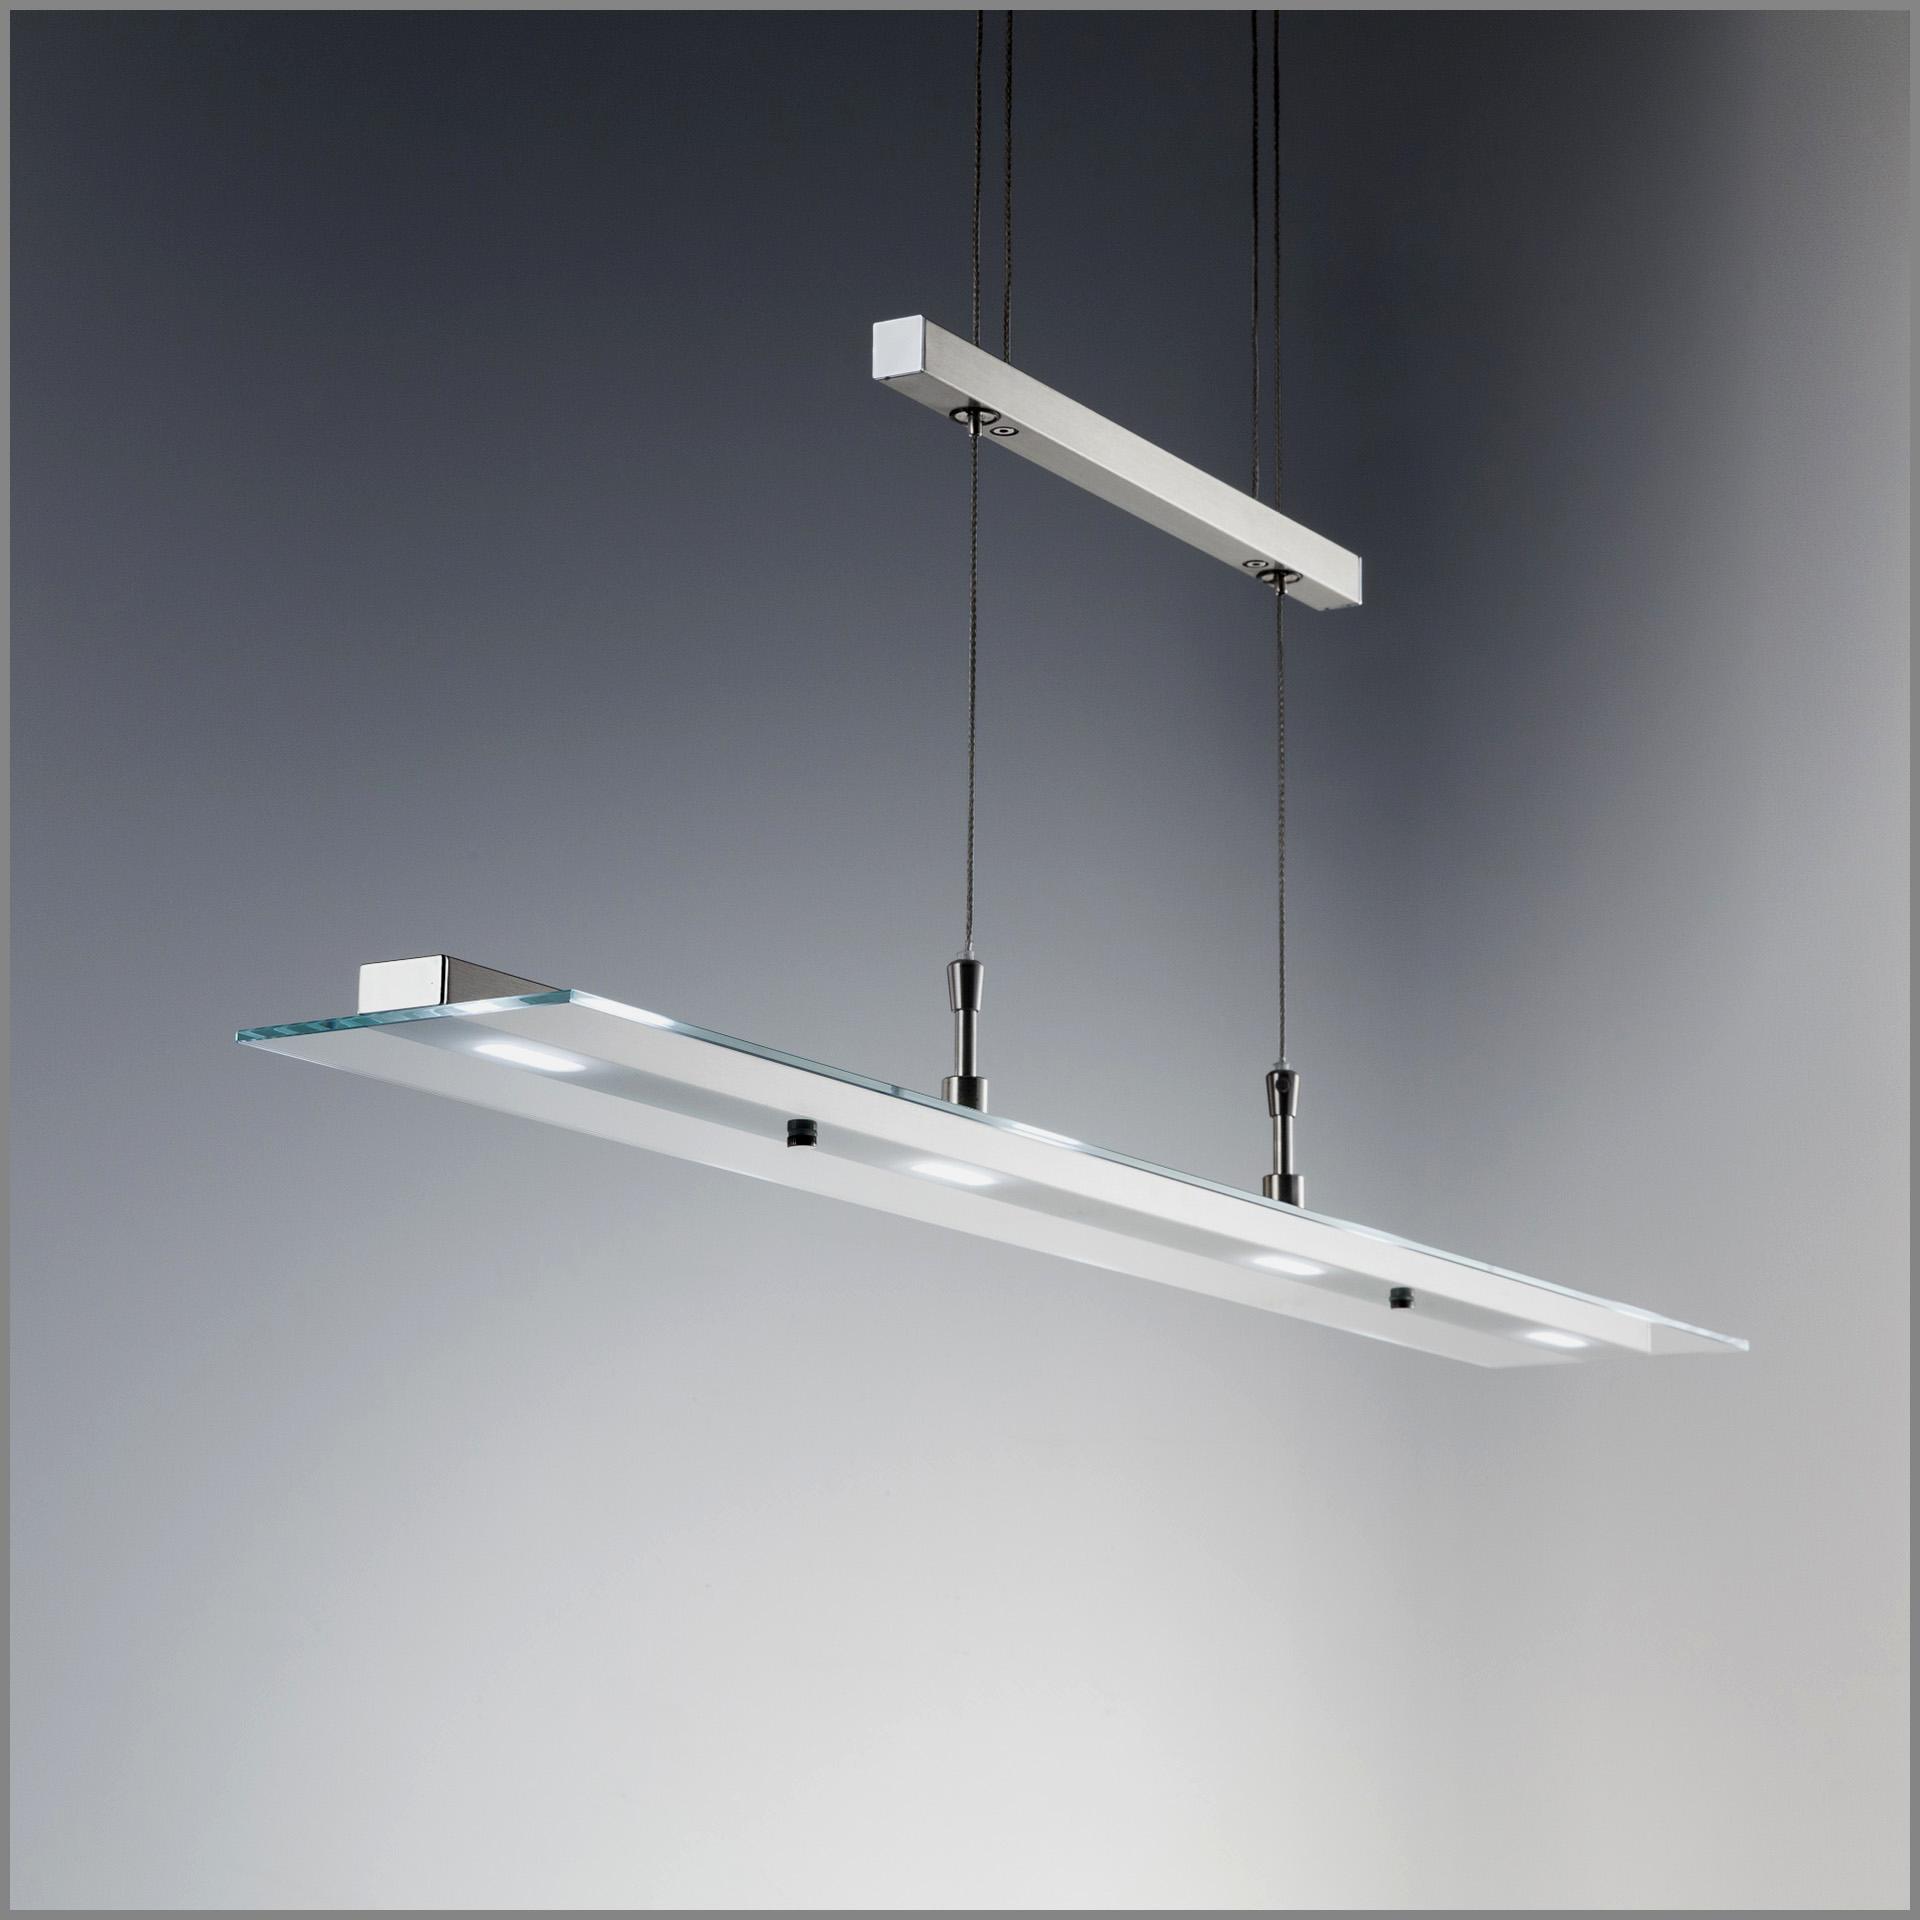 led leuchten lampen led leuchtmittel bk. Black Bedroom Furniture Sets. Home Design Ideas